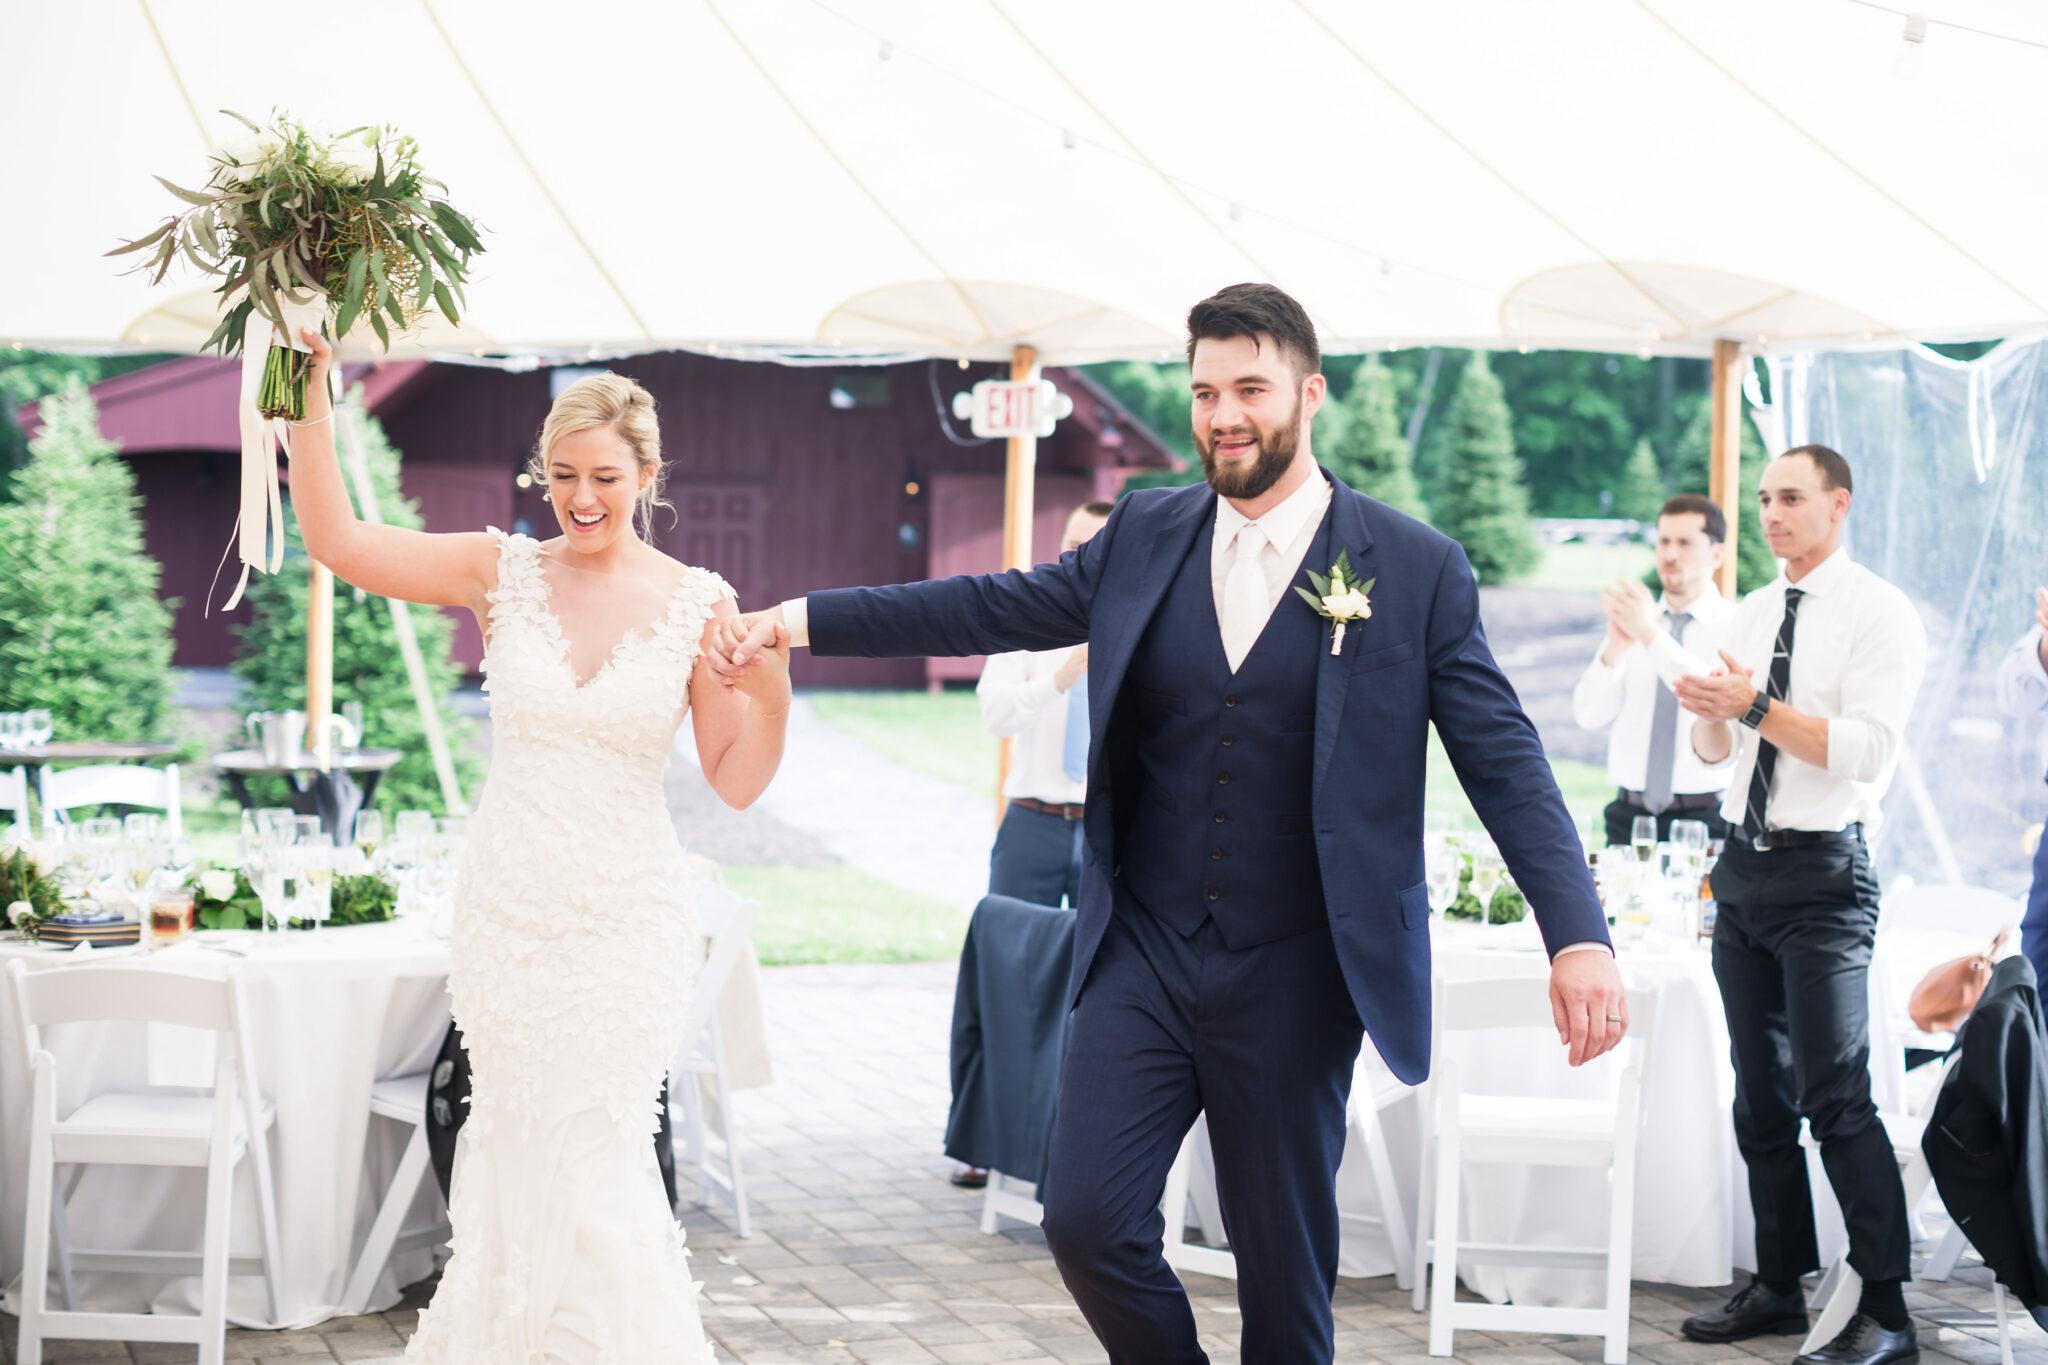 katie-alex-wedding-reception-138